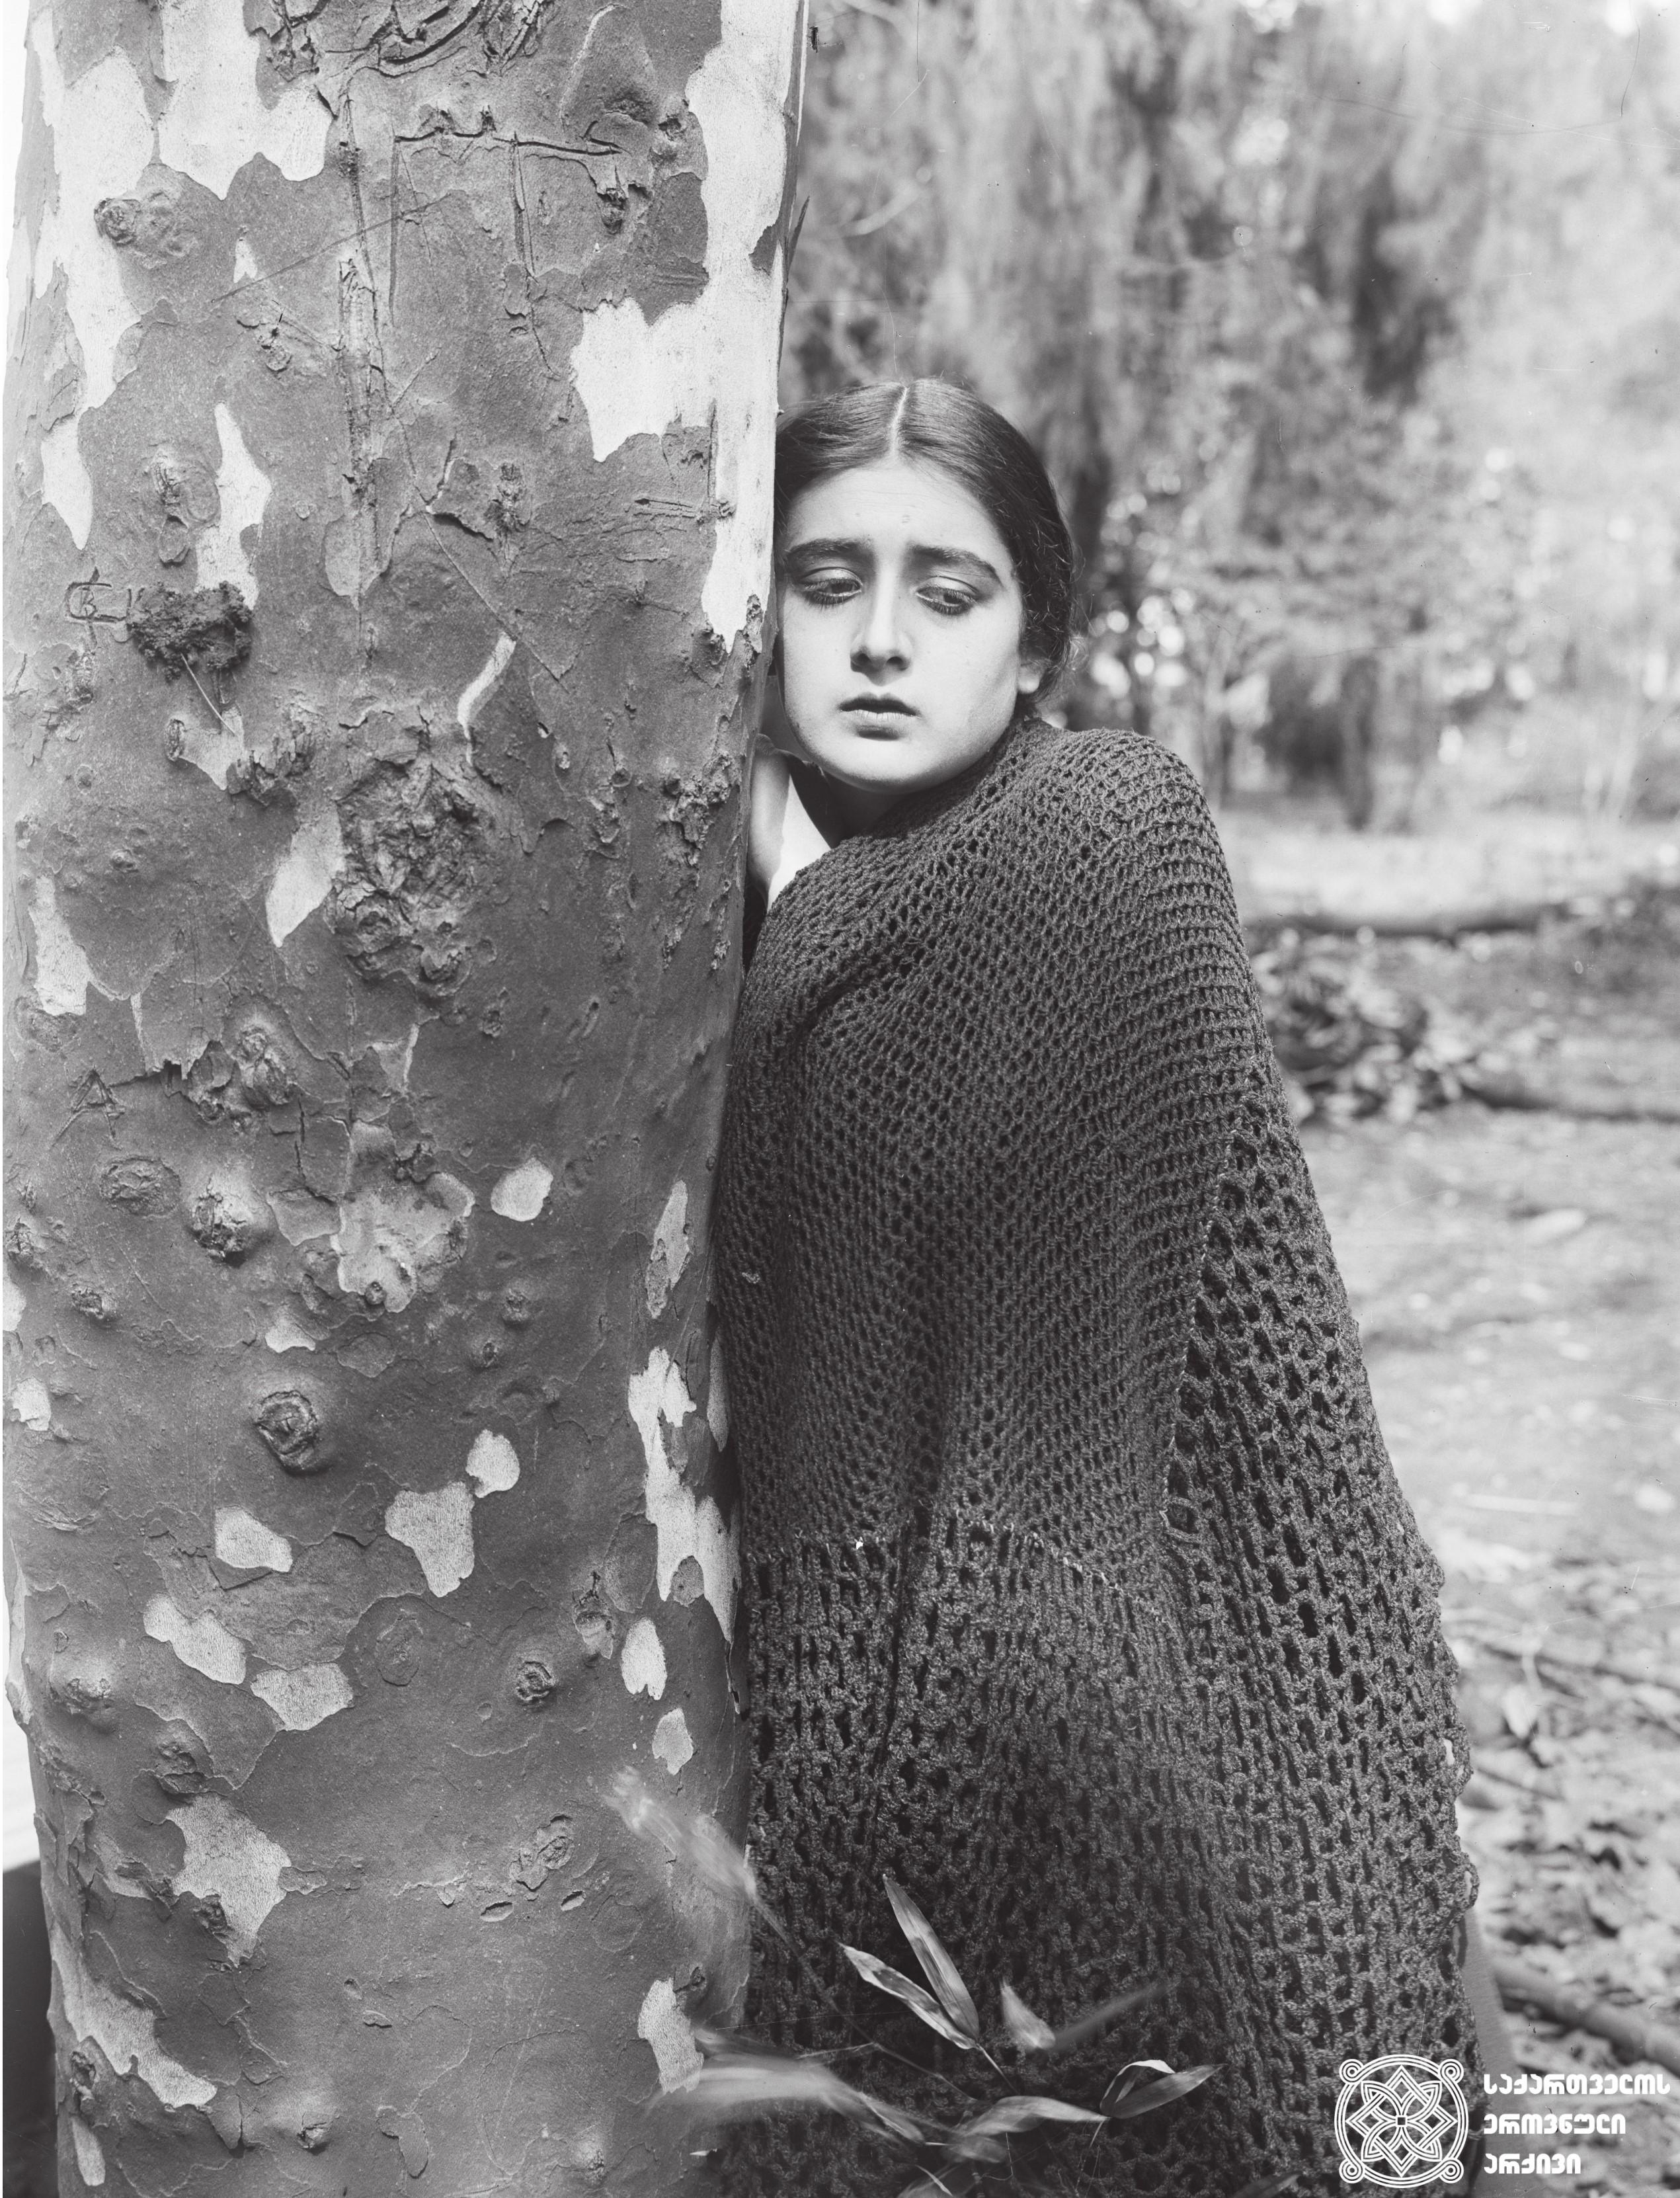 """მხატვრული ფილმი """"ტარიელ მკლავაძის მკვლელობის საქმე"""", მსახიობი ნატო ვაჩნაძე გადასაღებ მოედანზე.  <br>რეჟისორი: ივანე პერესტიანი. 1925 <br> Feature film """"Pirosmani"""", actress Nato Vachnadze on the filming location.  <br>Director: Ivane Perestian. 1925"""